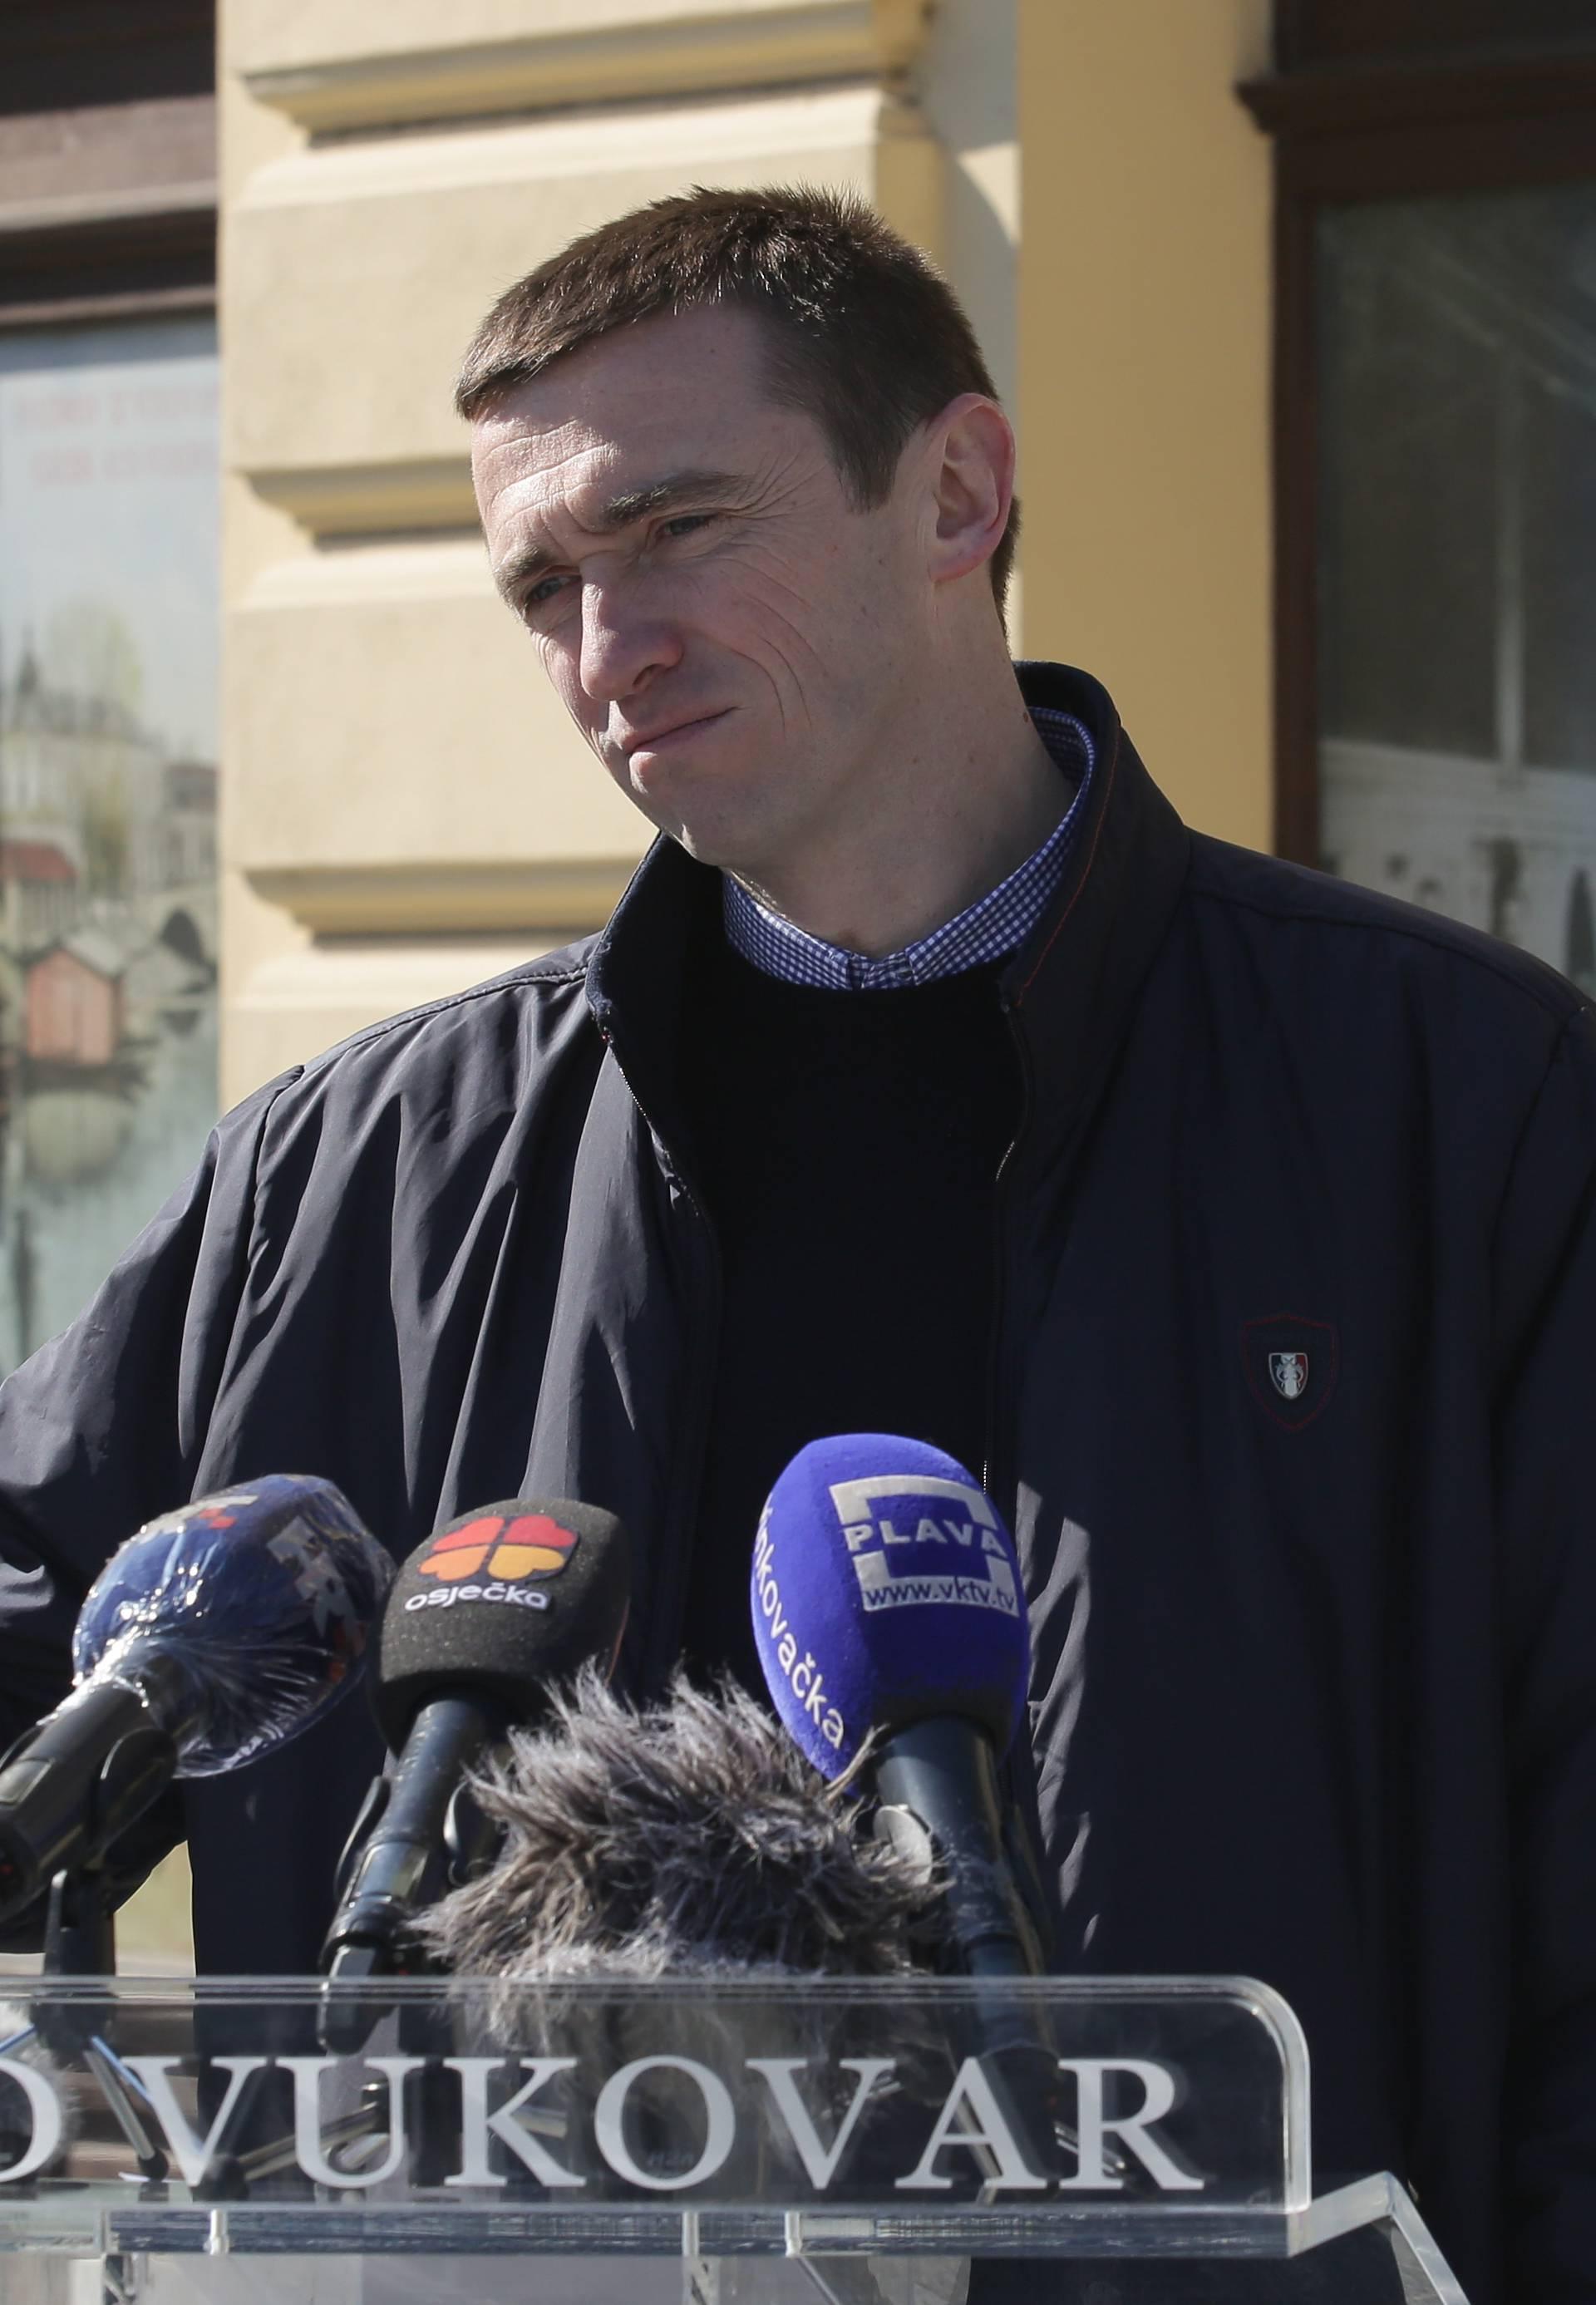 Vukovar: Ivan Penava i Marina Sekulić o podacima turističke sezone u 2019.godini